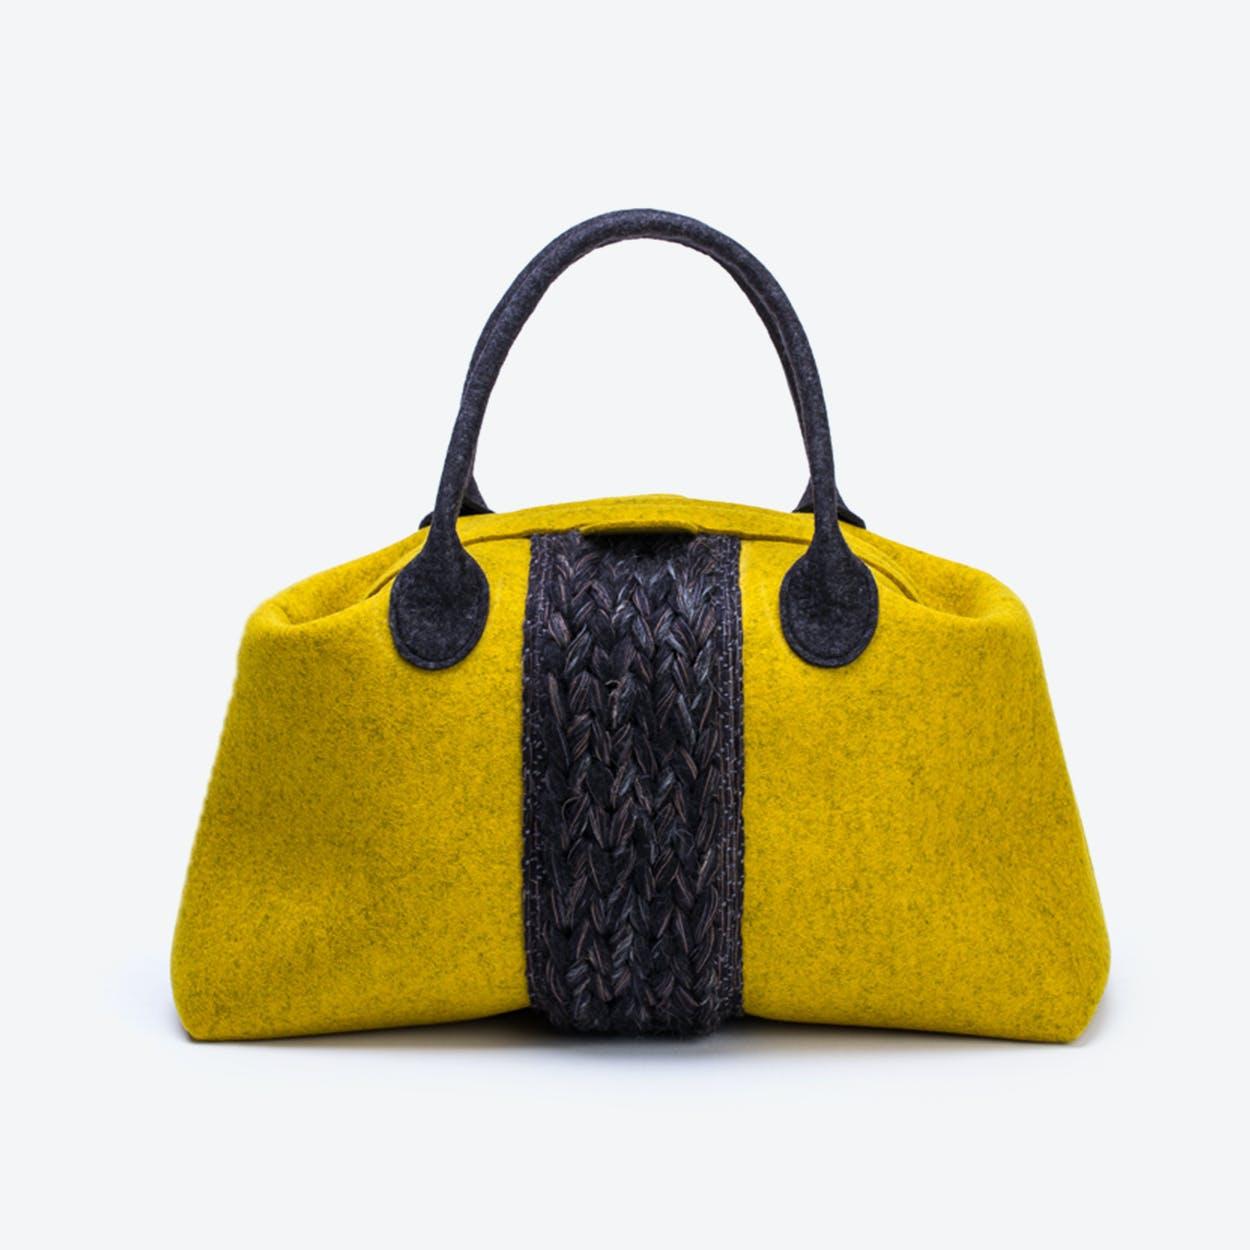 Plait Bag in Mustard